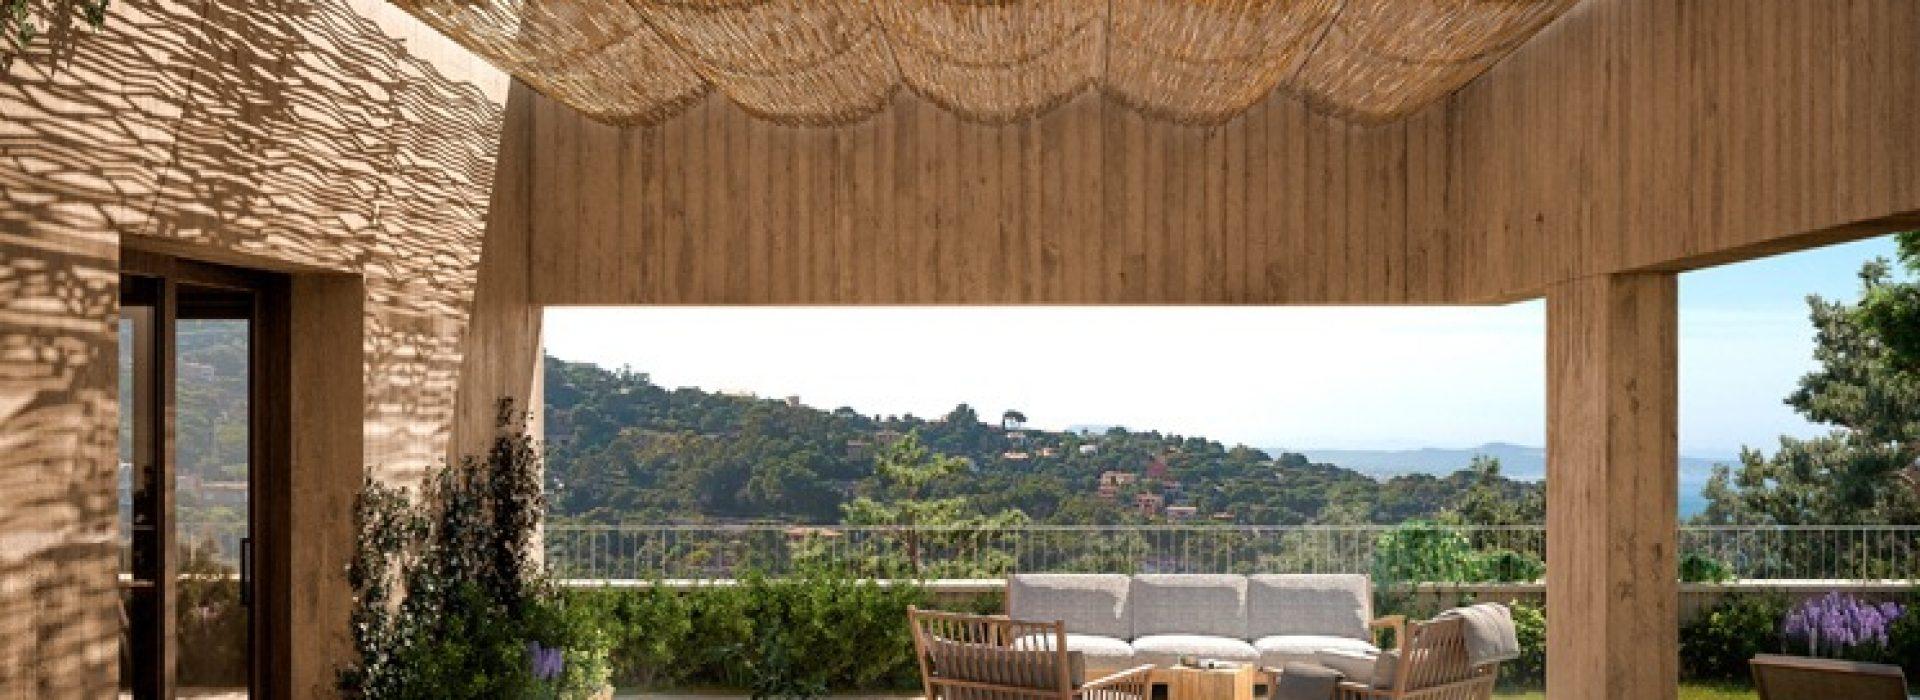 Terraza de Jardins de Sa Riera promoción inmobiliaria de obra nueva en Begur. TR Grupo Inmobiliario.